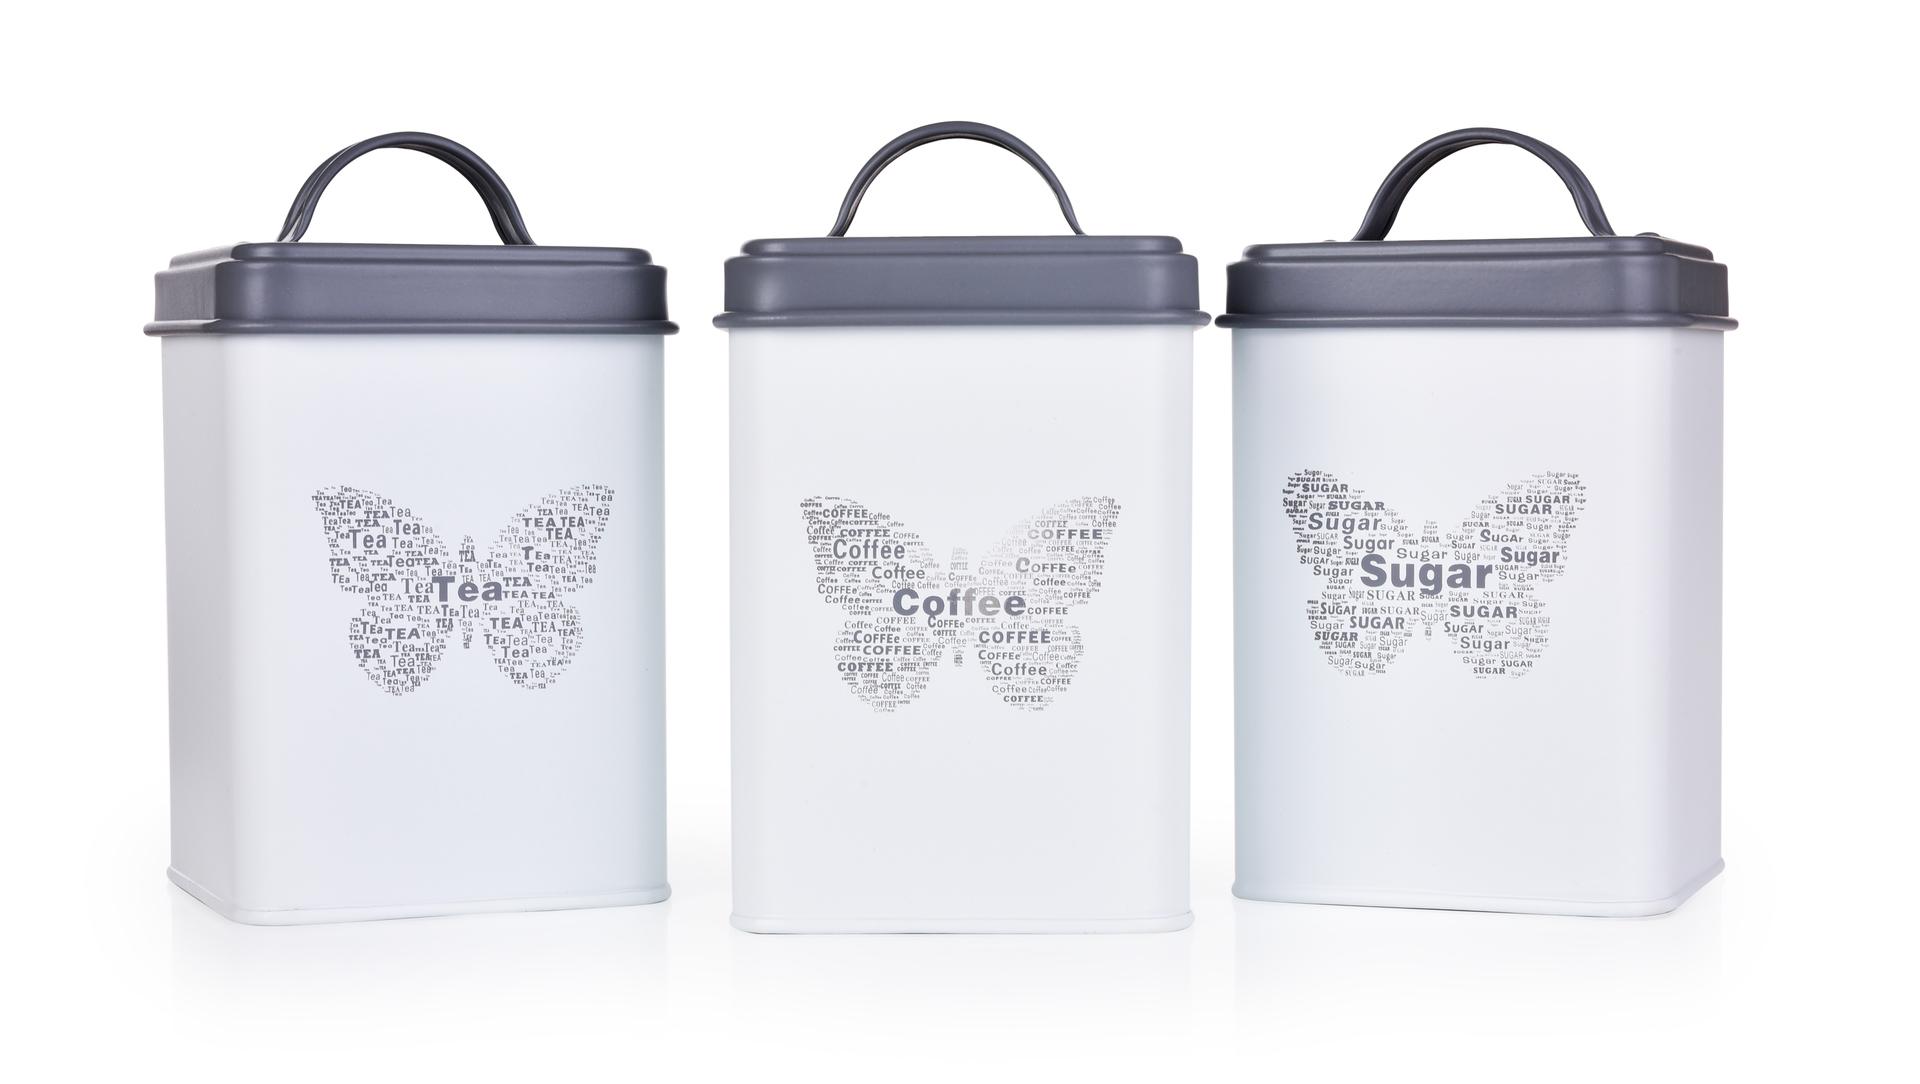 3 ks SADA kovových hranatých dóz MOTÝL Tea, Sugar, Coffee